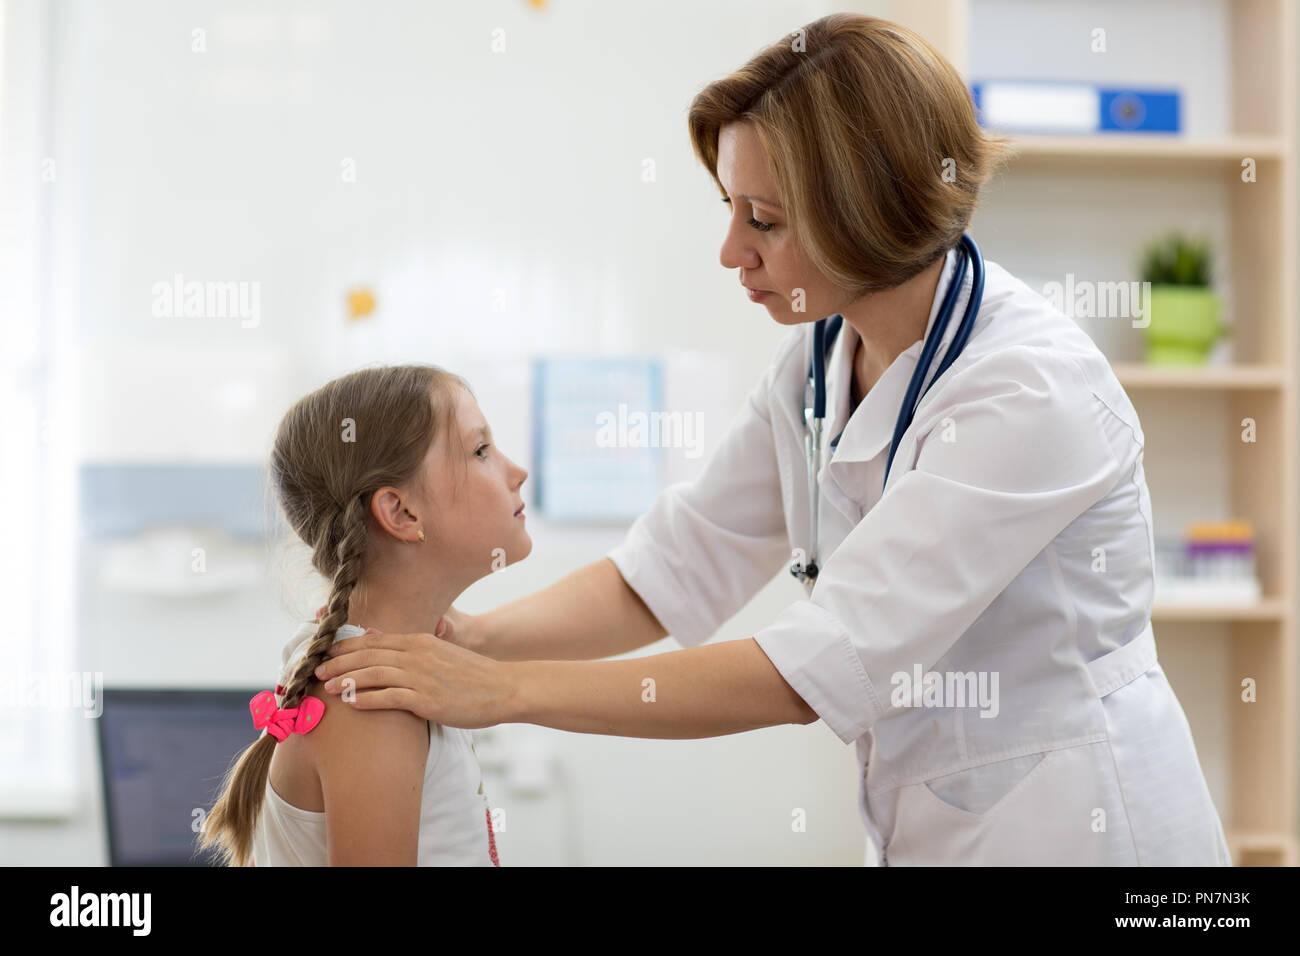 Arzt Für Kleine Mädchen Mandeln Stockfoto Bild 219602423 Alamy